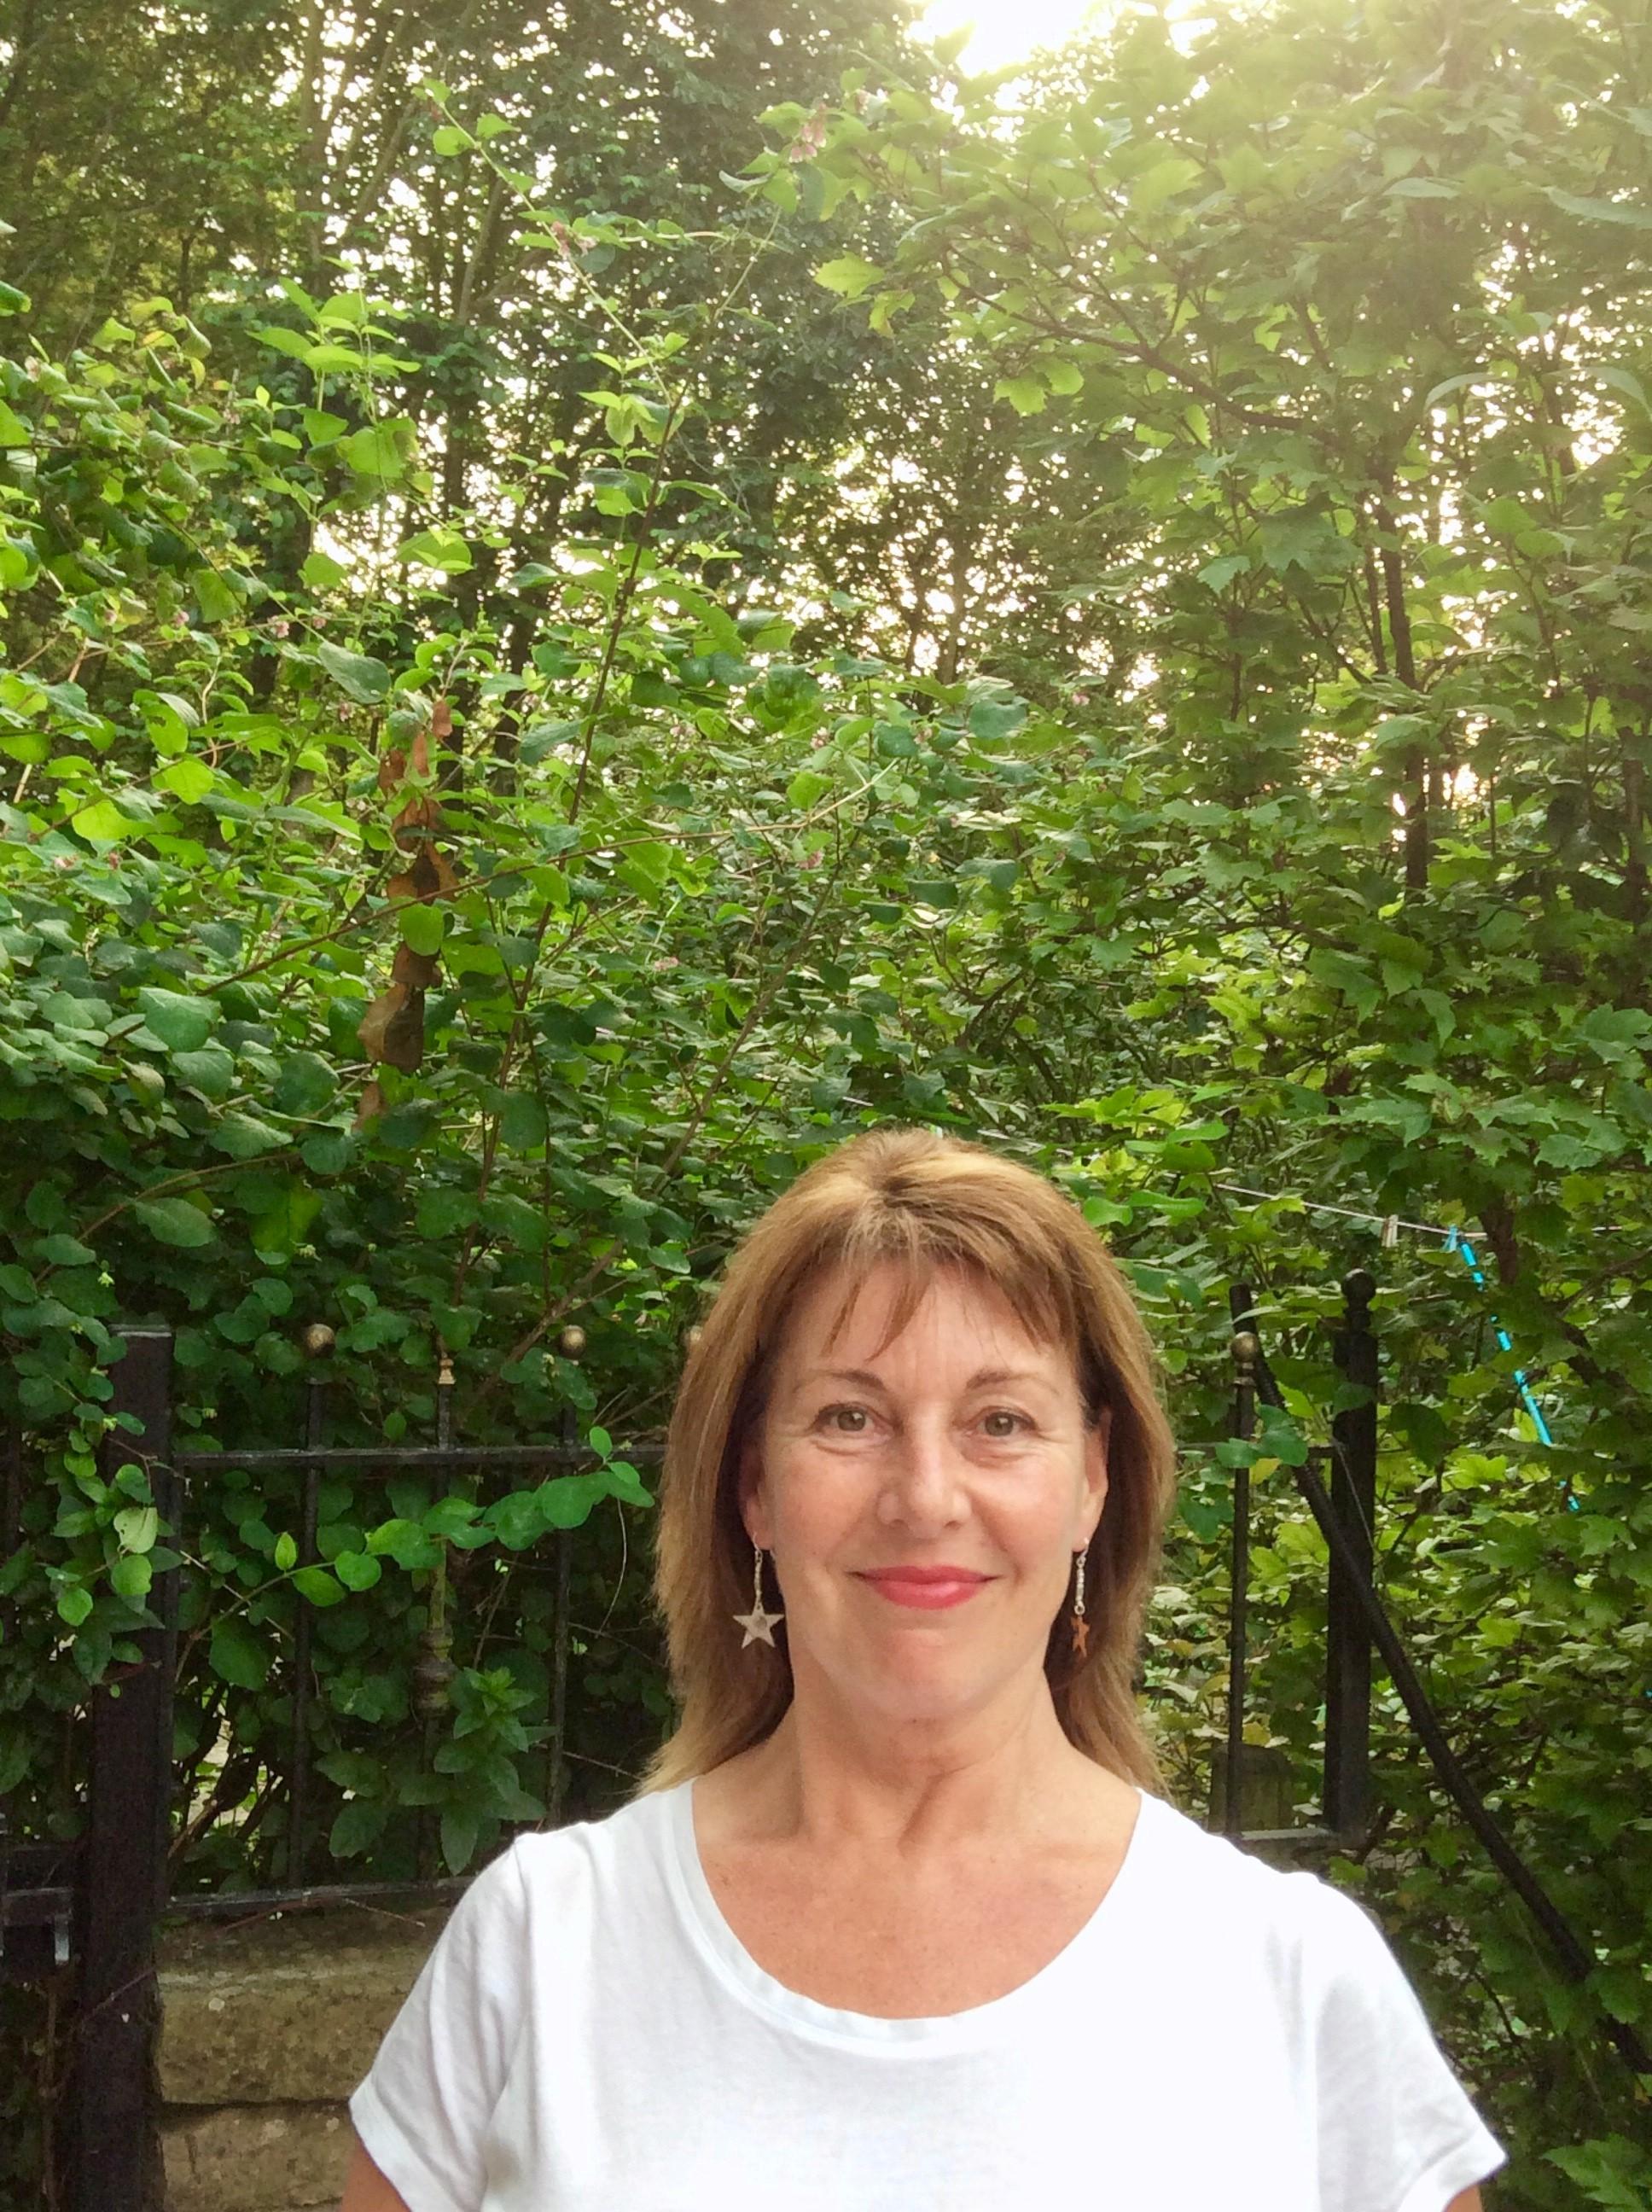 Frances-Anne Ruddy